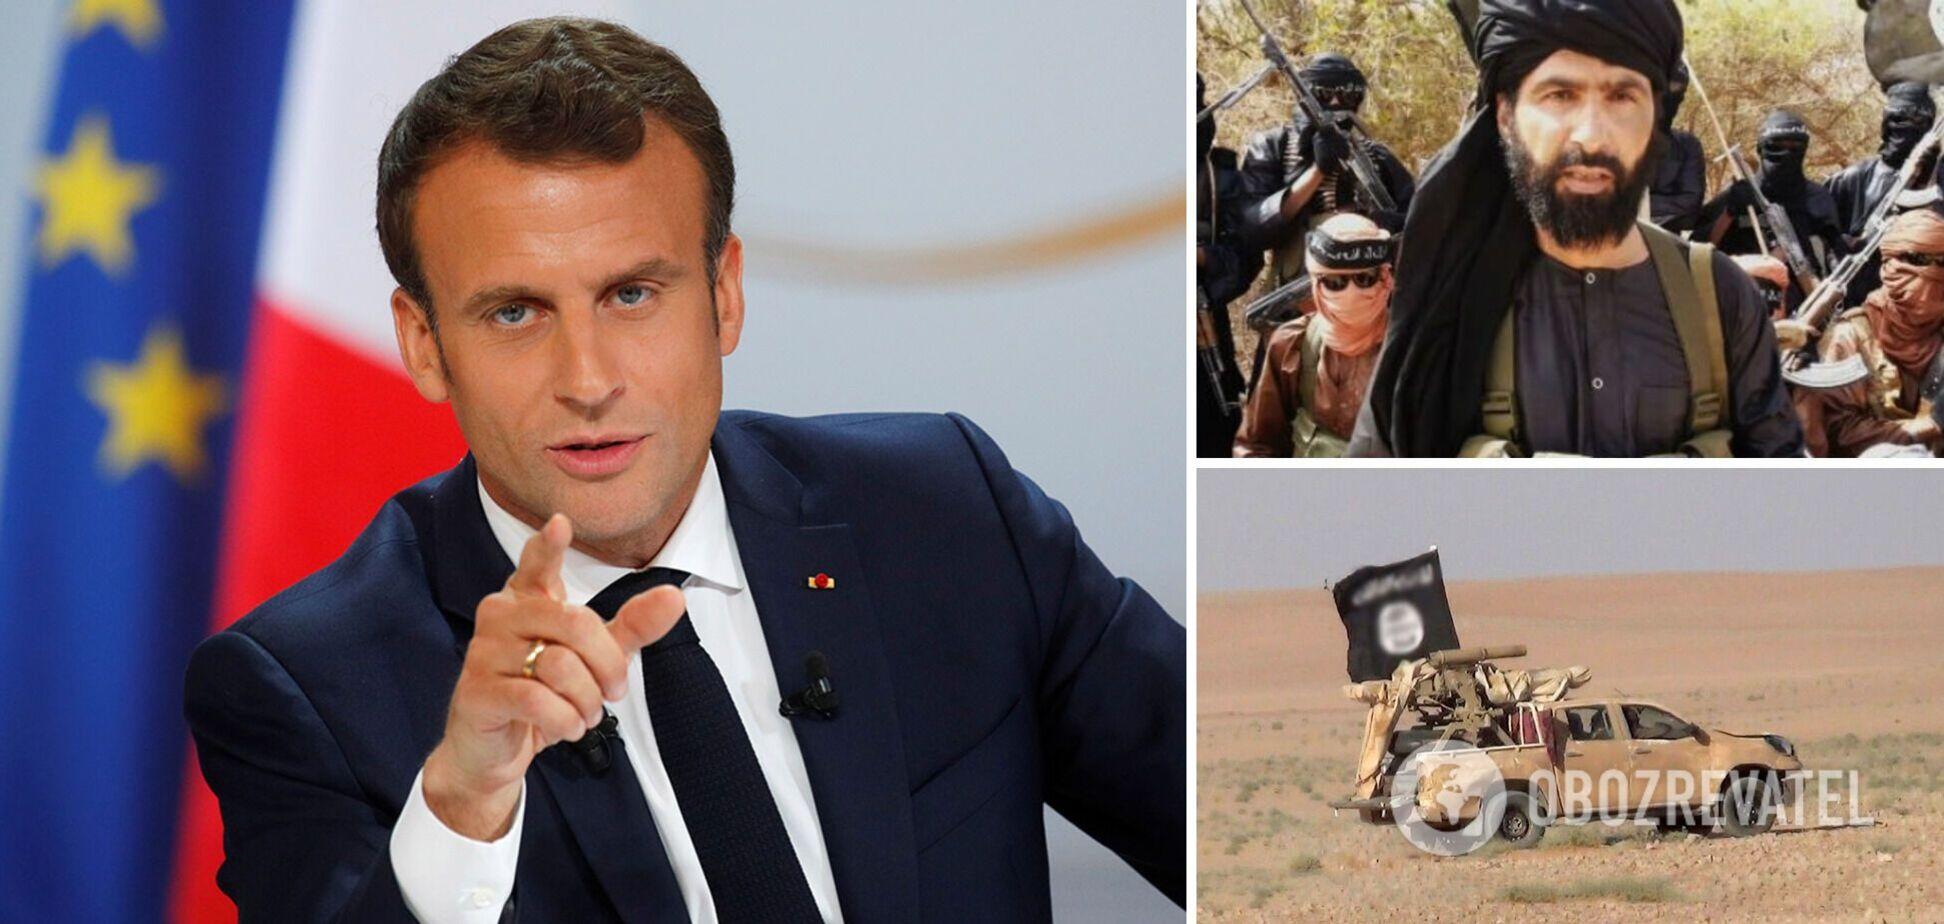 Макрон заявив про ліквідацію французькими військовими ватажка 'ІД у Великій Сахарі'